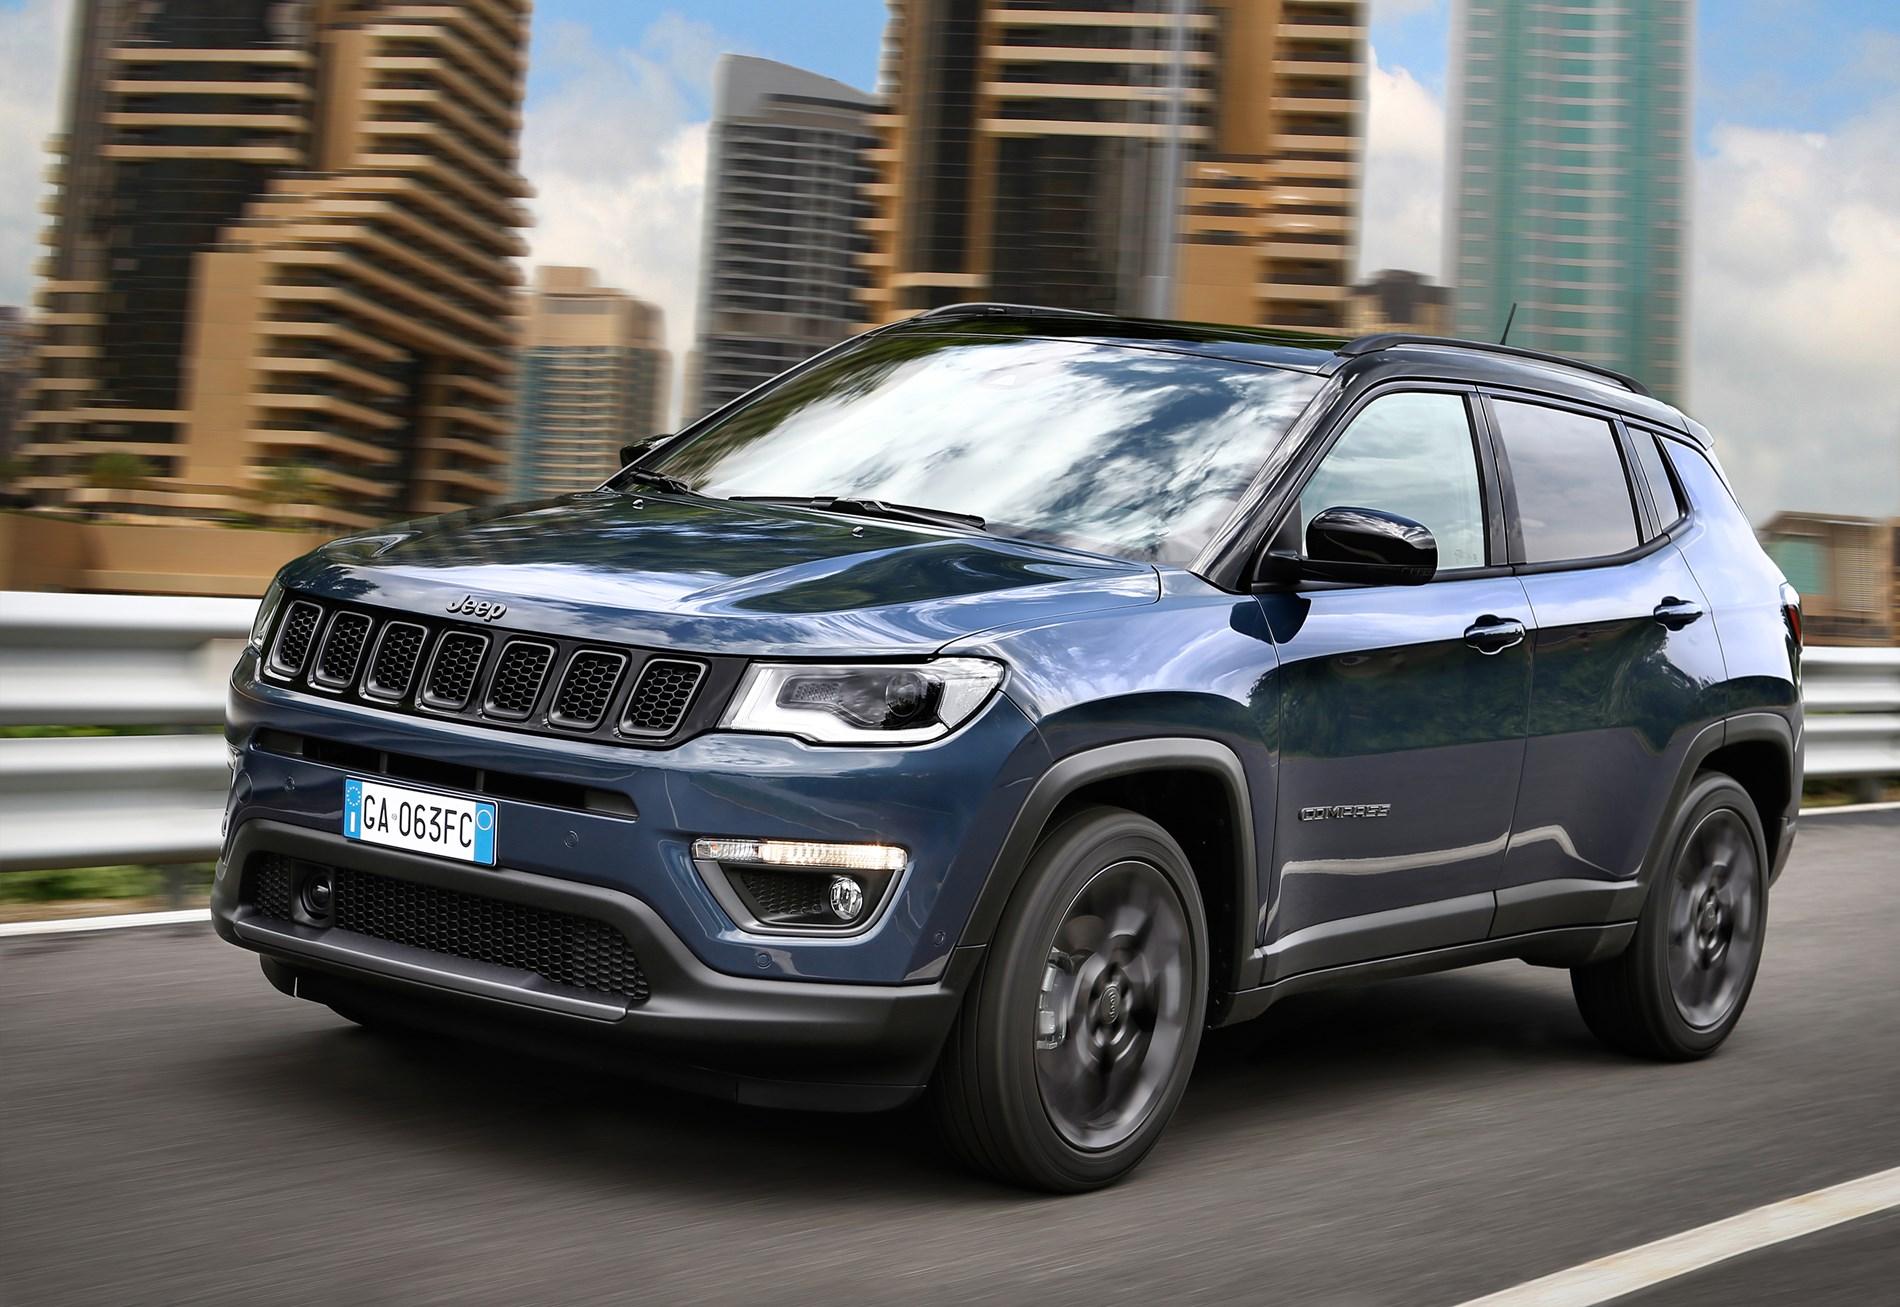 De nieuwe Jeep Compass - Gent Motors